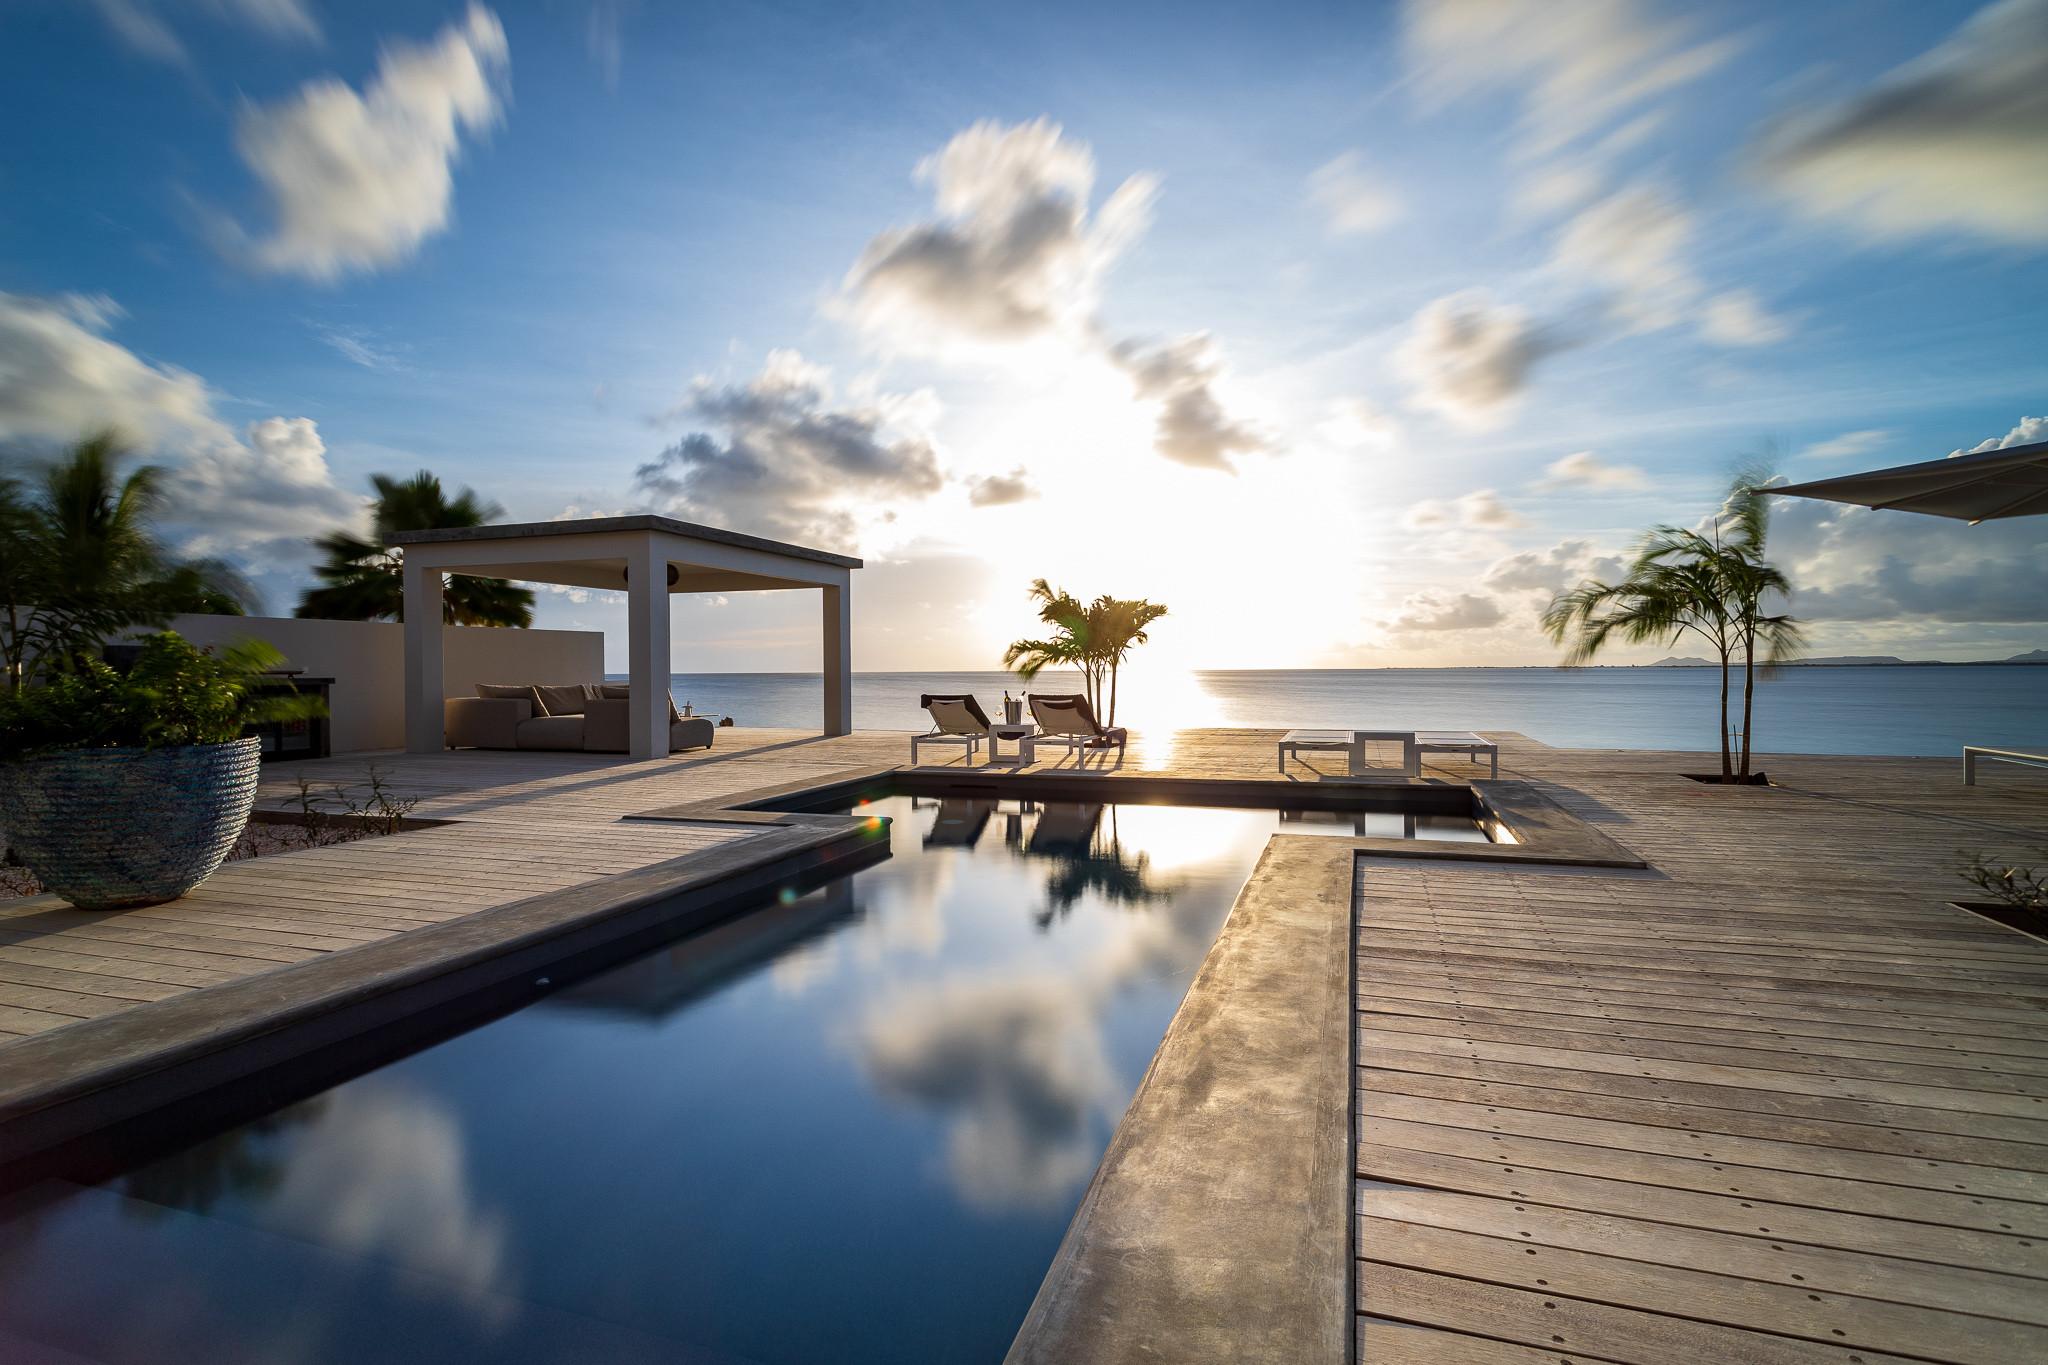 Premium Real Estate Photo & Video Pack